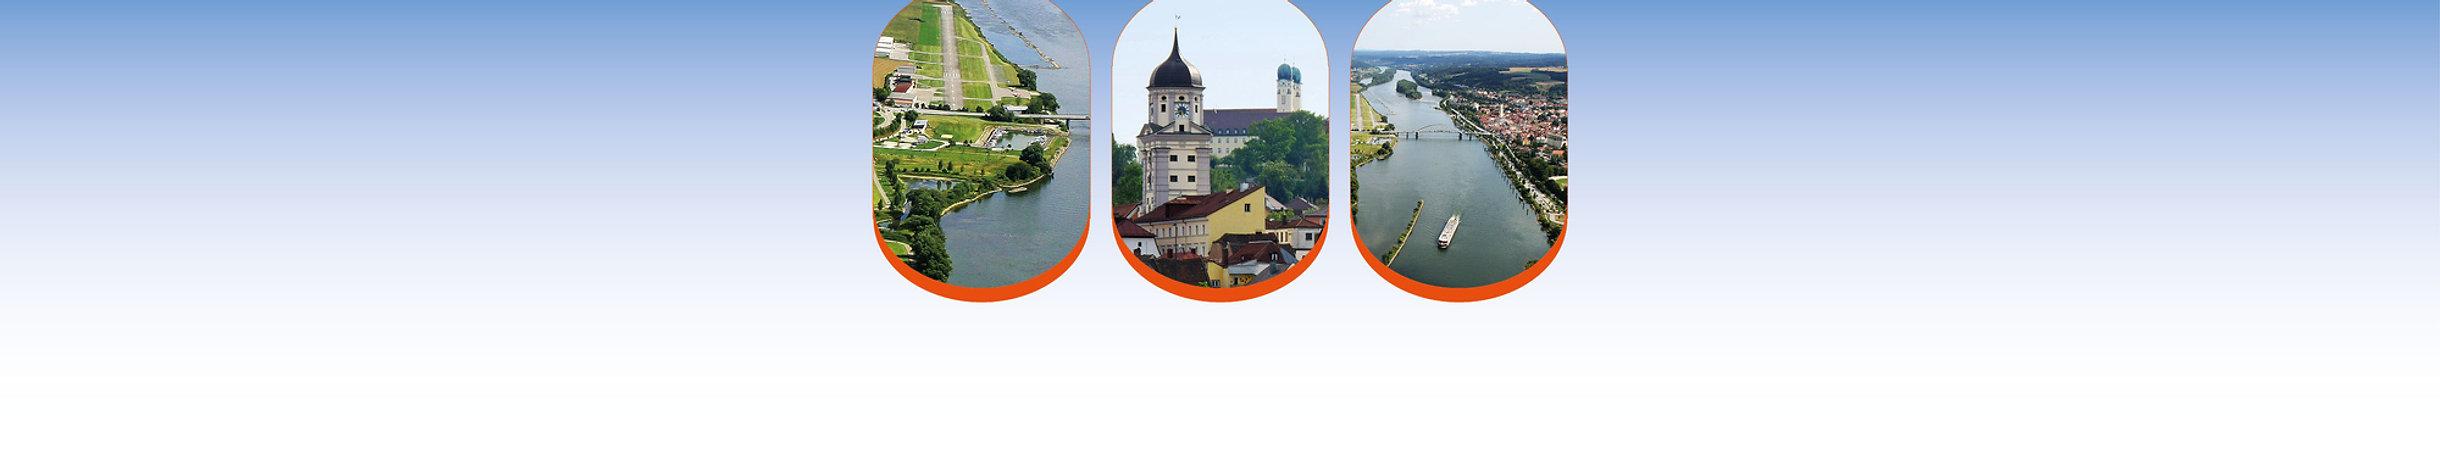 Flugplatz Vilshofen an der Donau